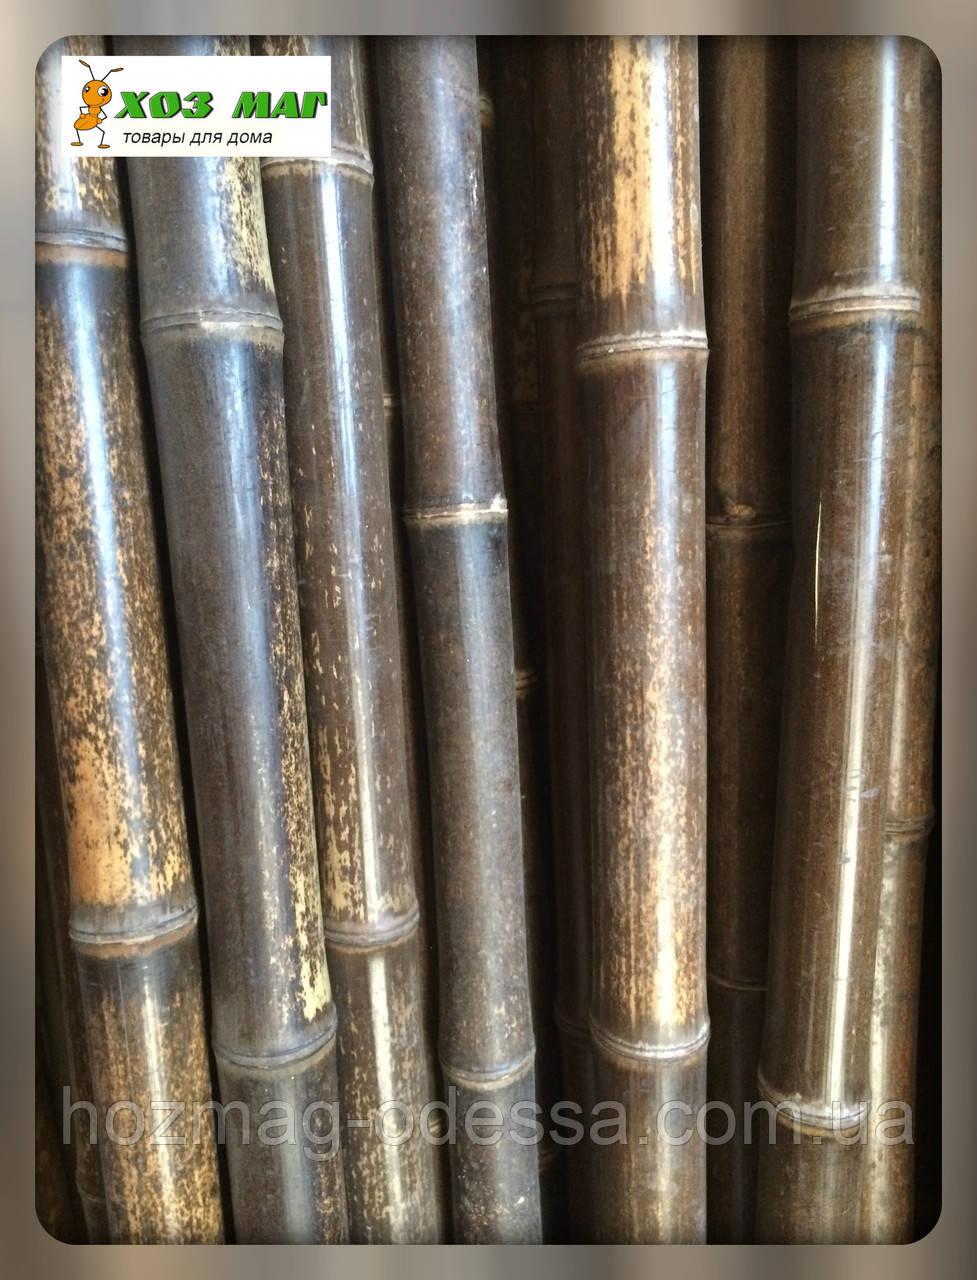 Бамбуковый ствол декоративный черный, длина 3м., д.4-5см Уценка!